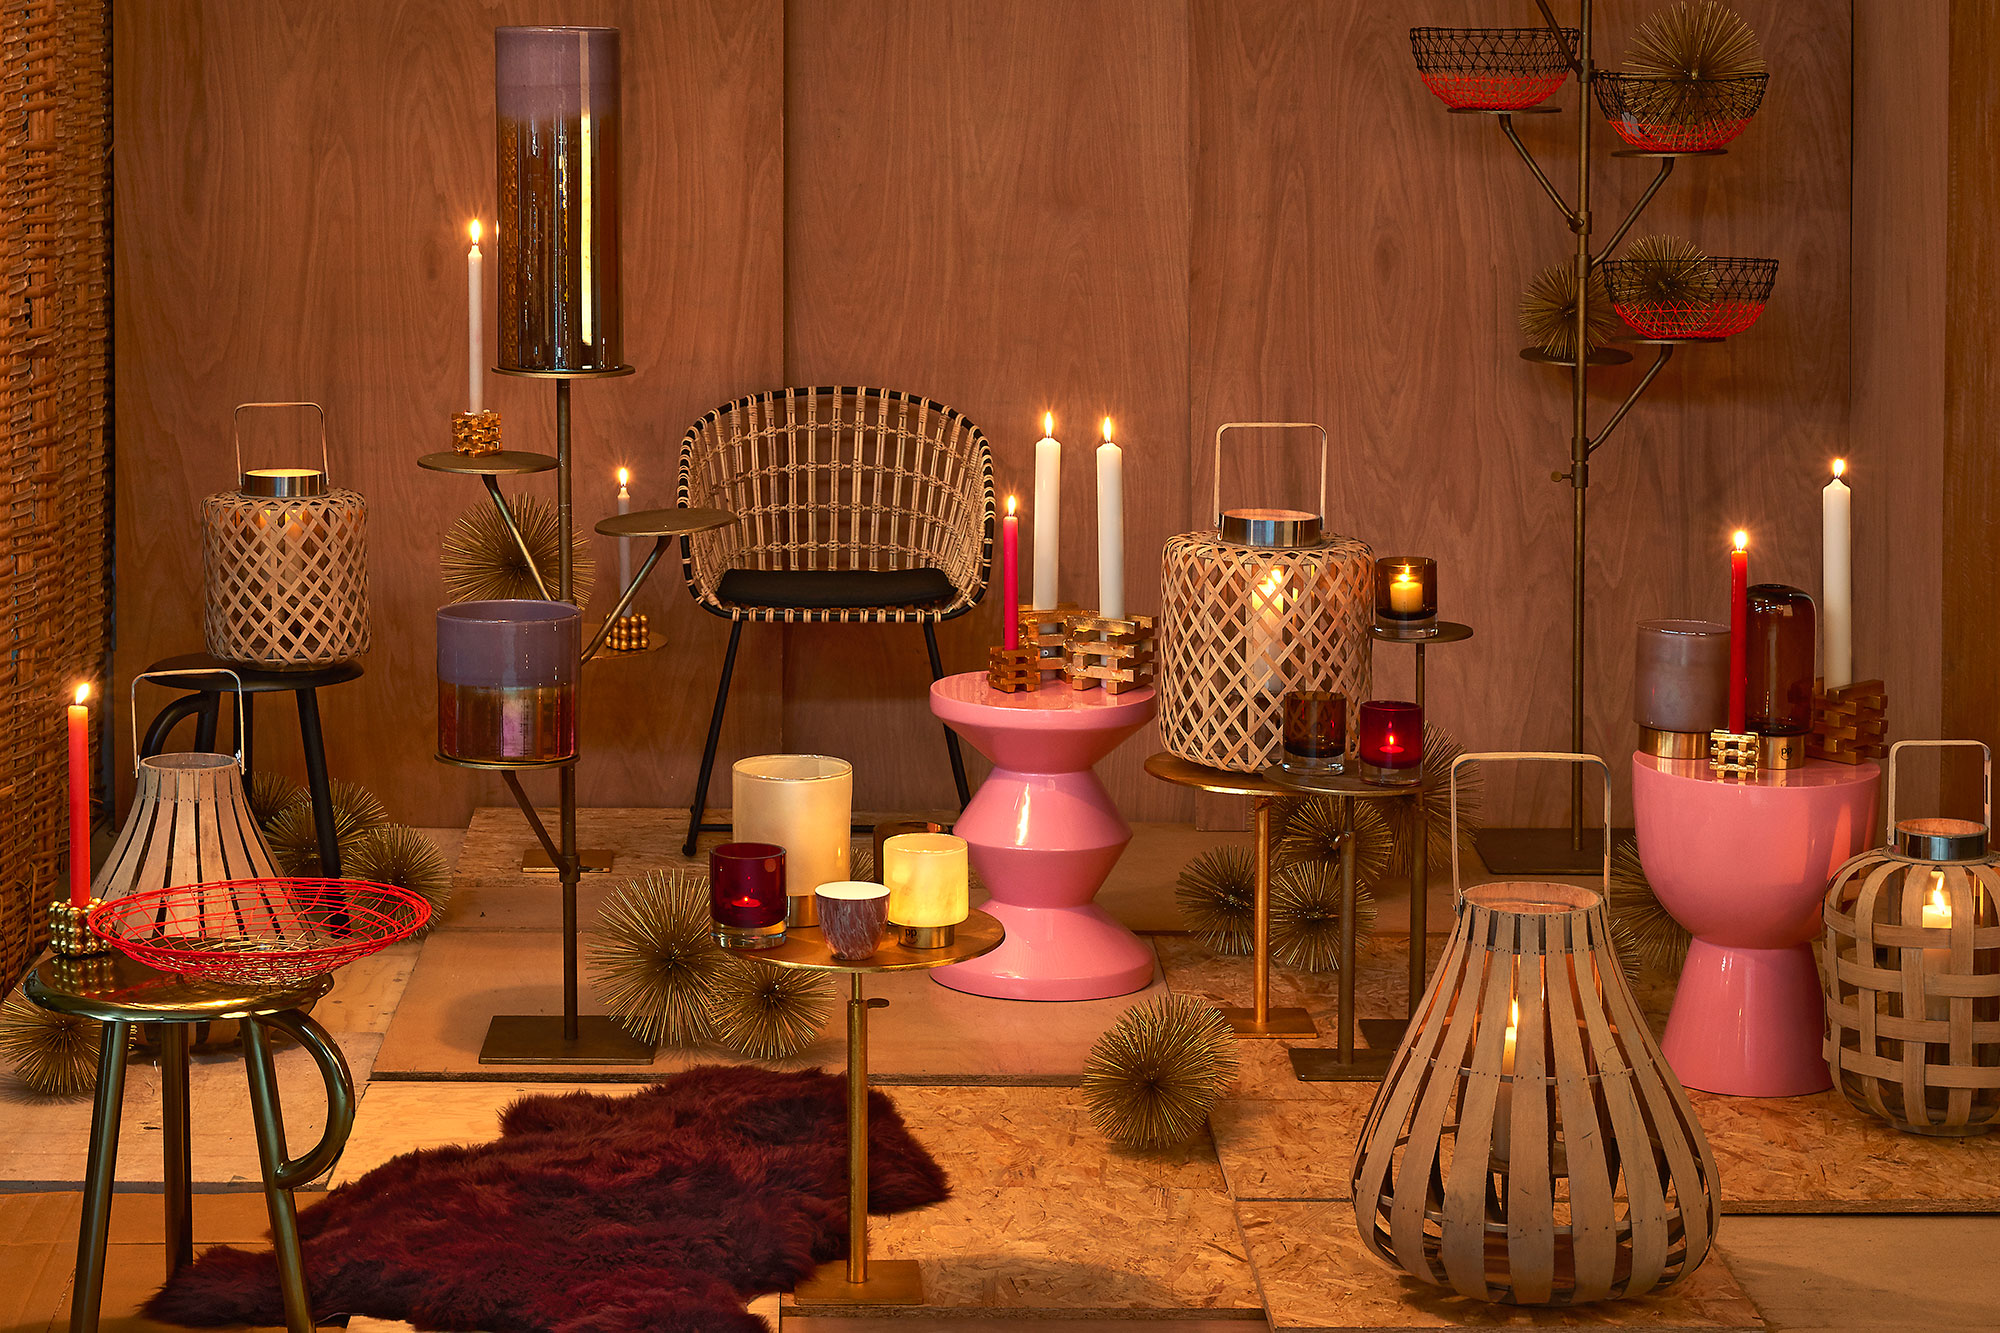 accessoires de d coration originaux la galerie alr enne. Black Bedroom Furniture Sets. Home Design Ideas